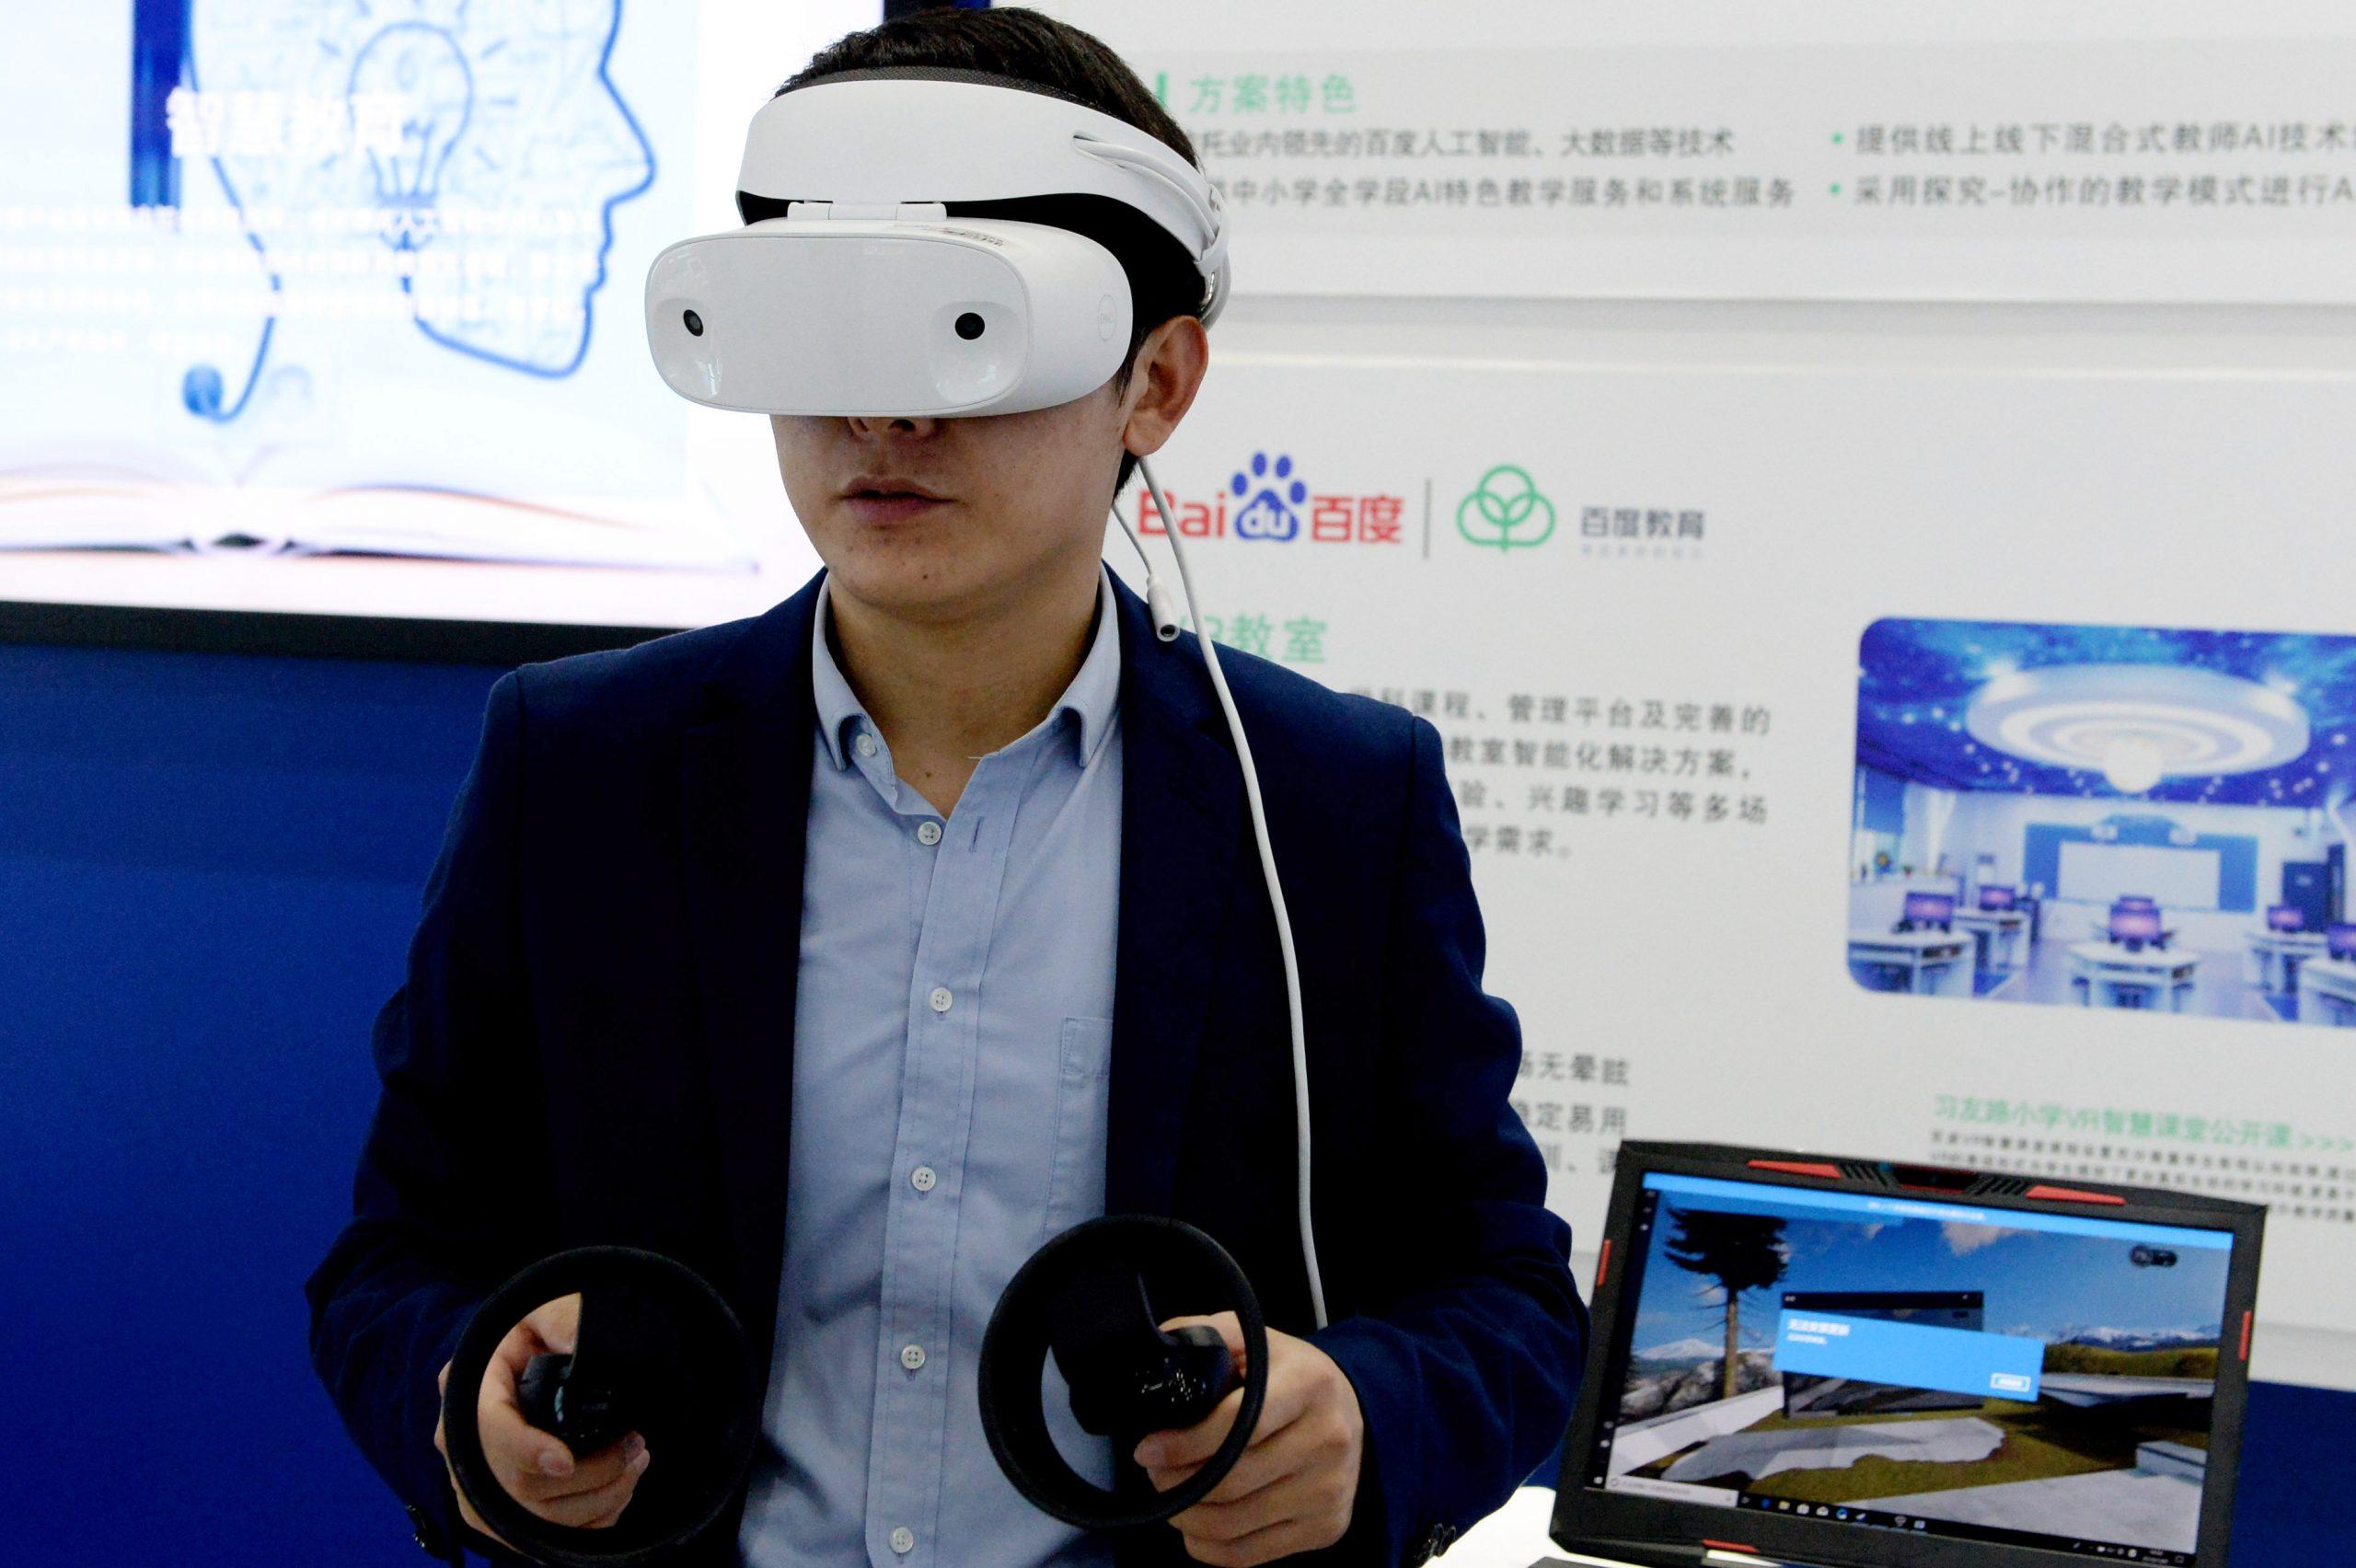 Envíos de productos VR/AR de China crecerán en próximo lustro, según informe